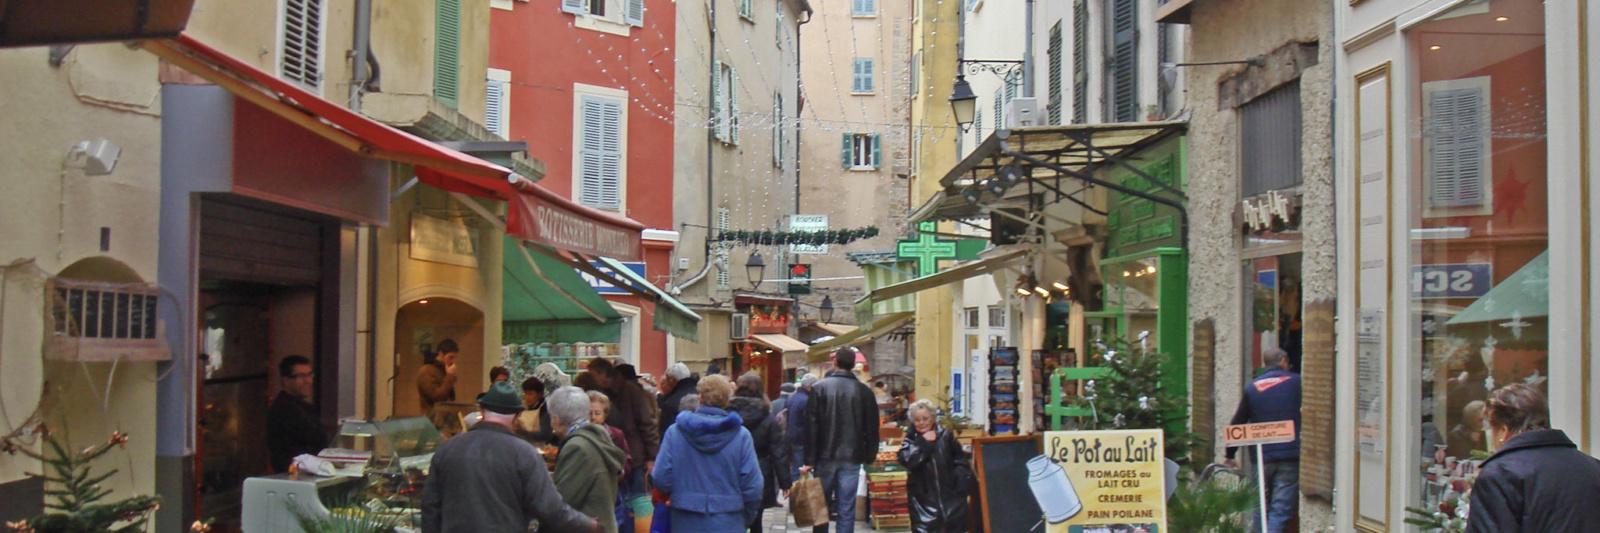 Rue Massilon à Hyères